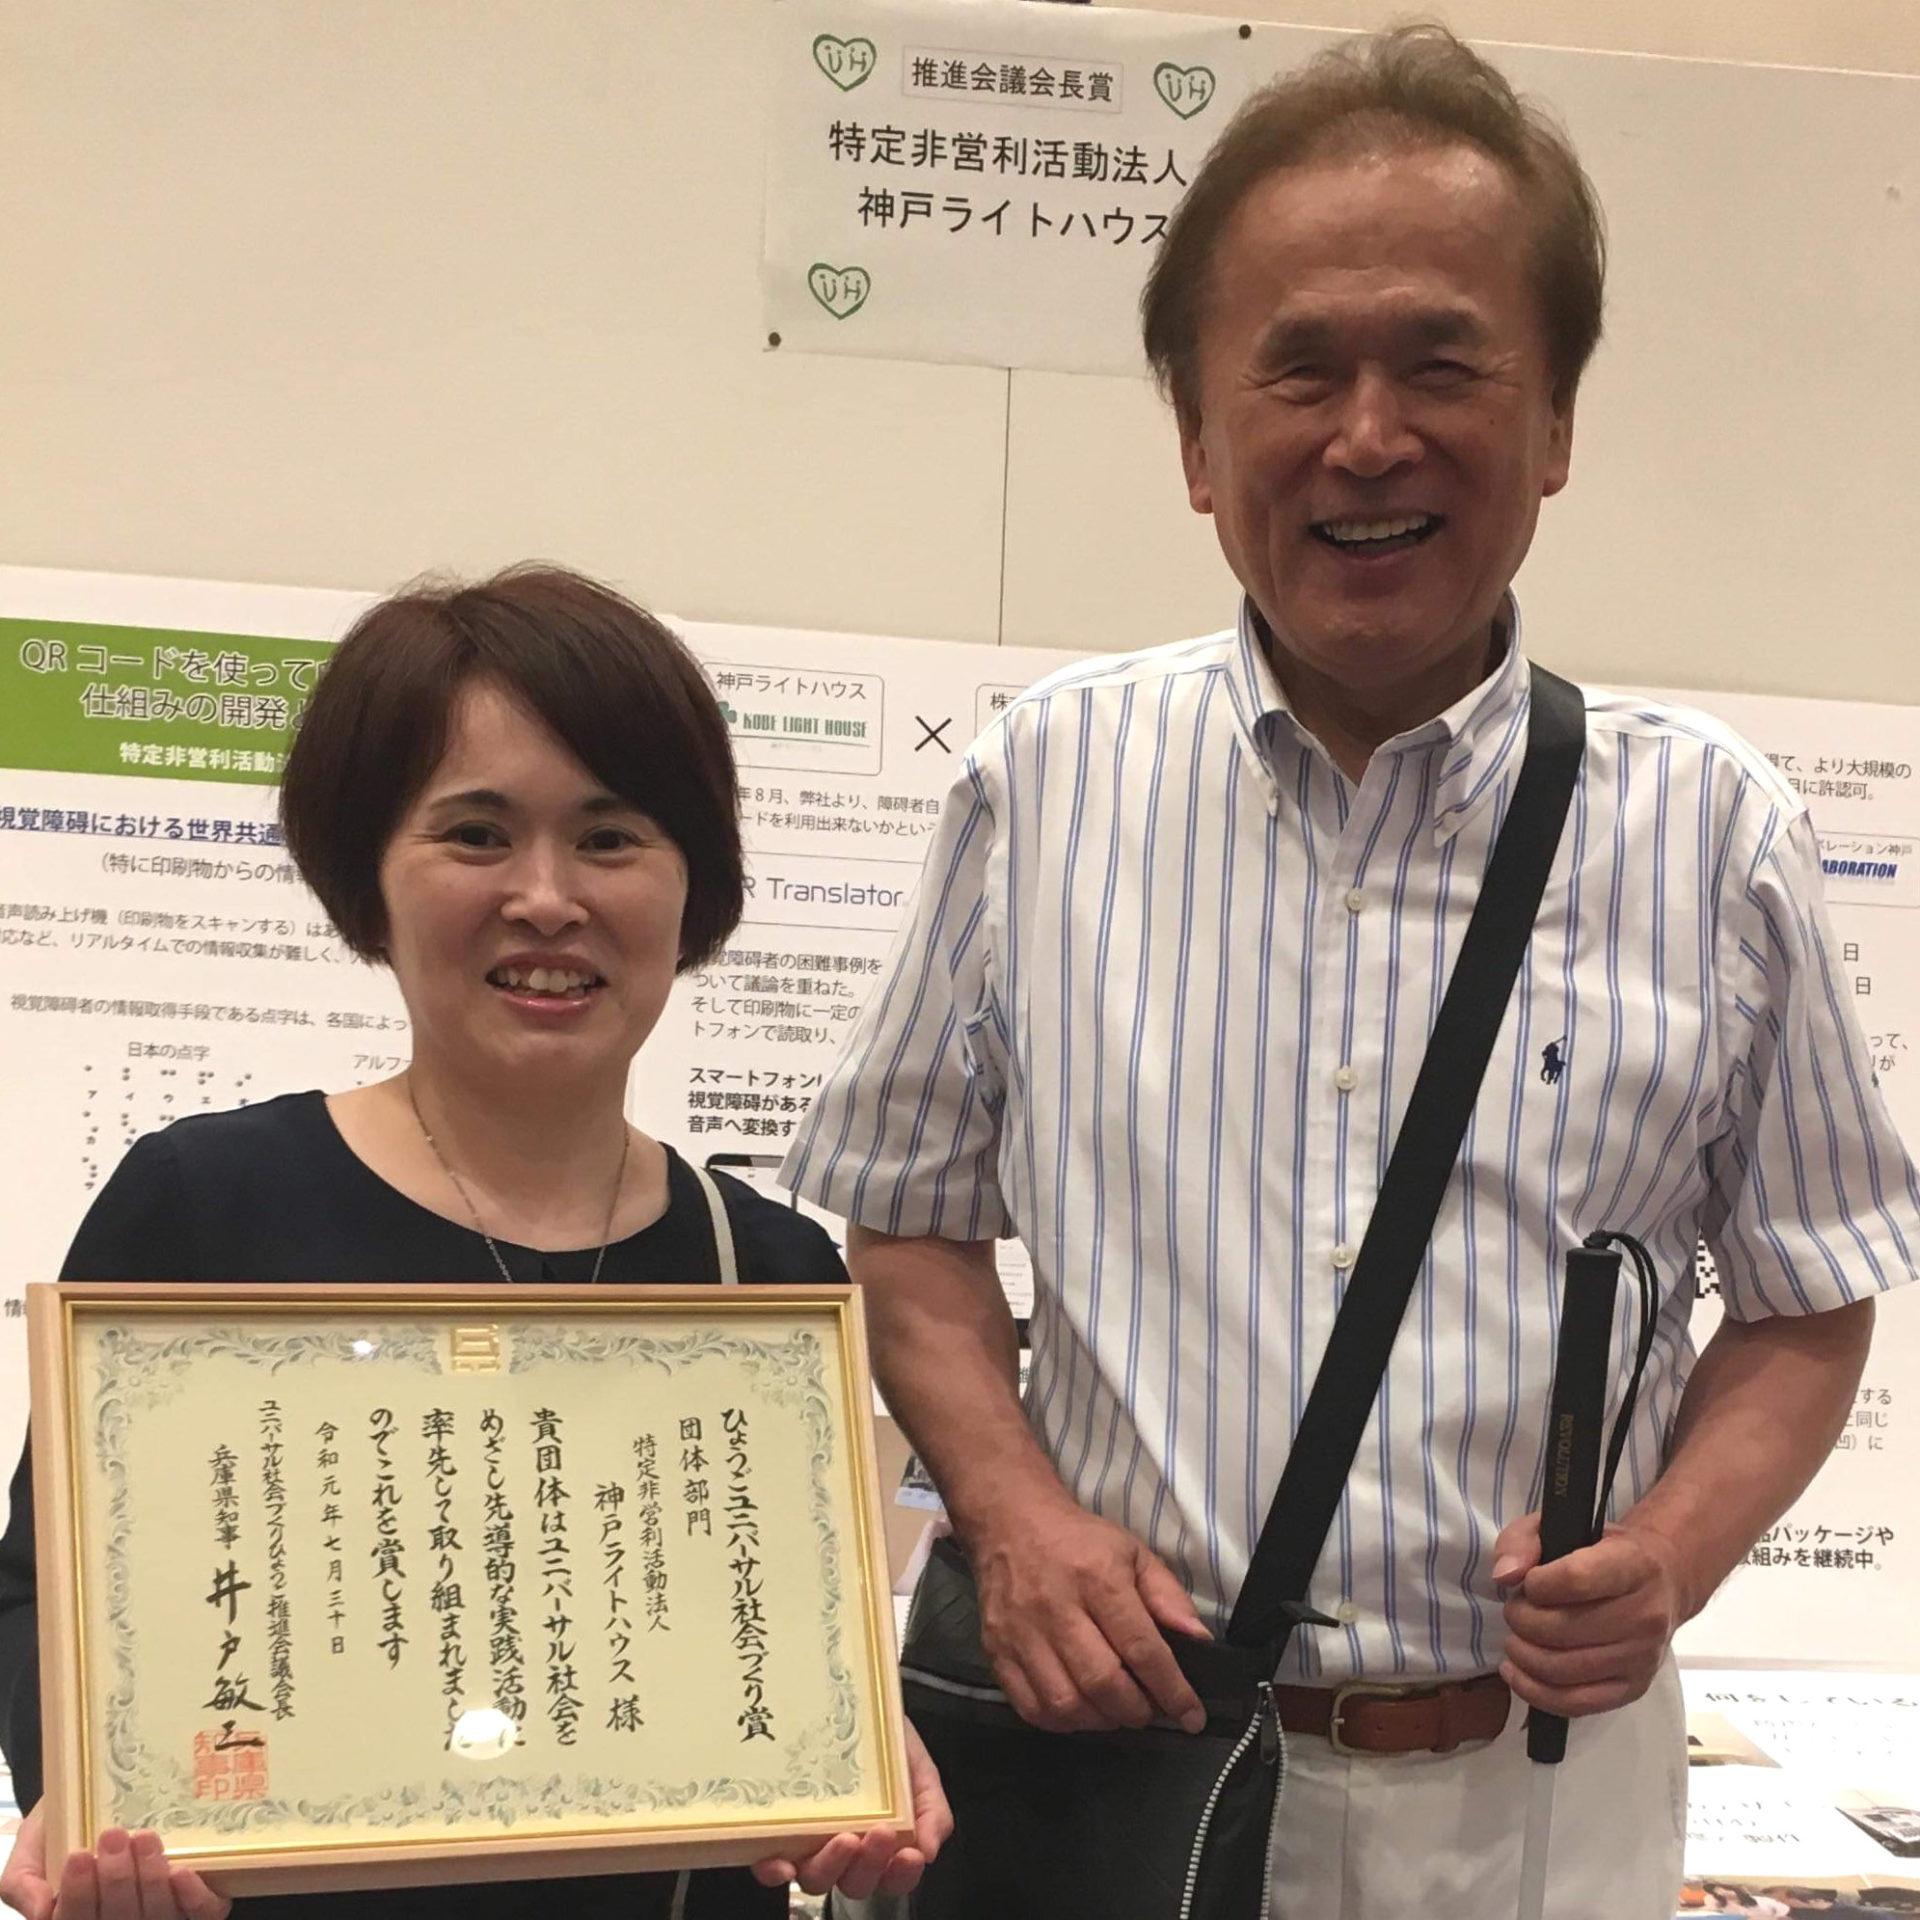 太田氏と和田氏の顔写真、ひょうごユニバーサル社会づくり賞の賞状を持っている。